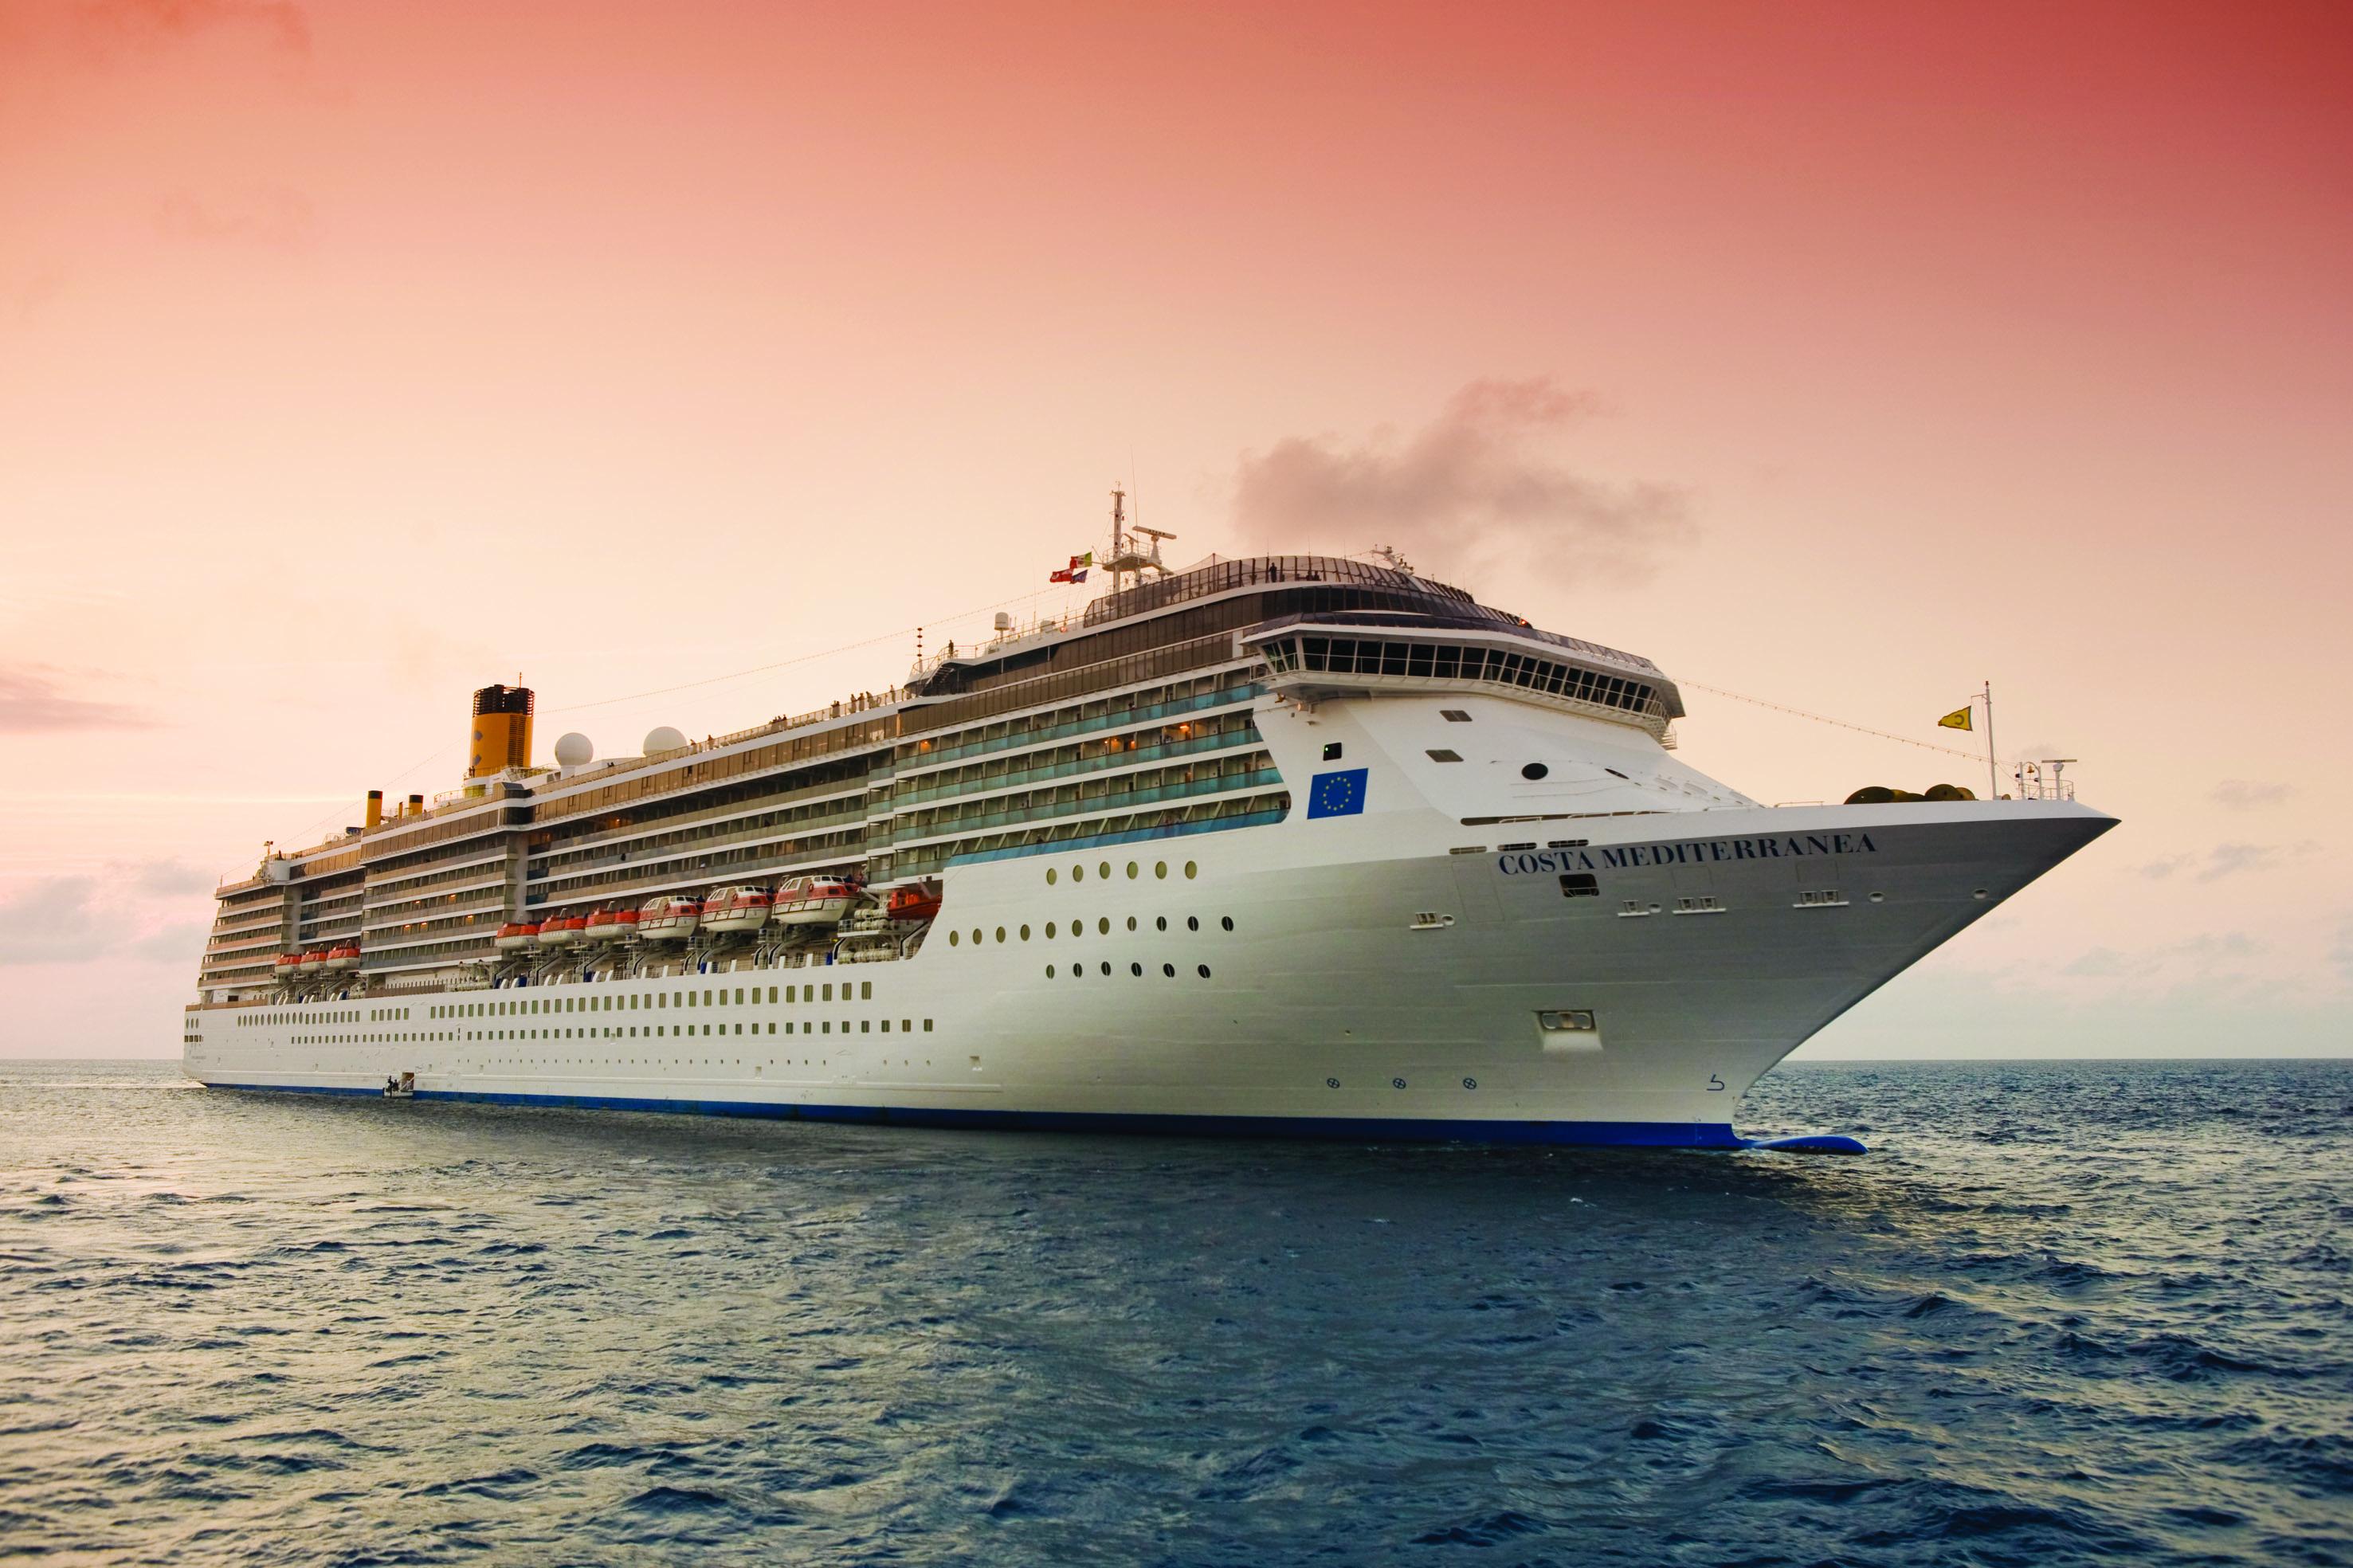 Crucero por el adri tico y crucero por el b ltico con costa cruceros aprovecha las ofertas - Mes del crucero ...